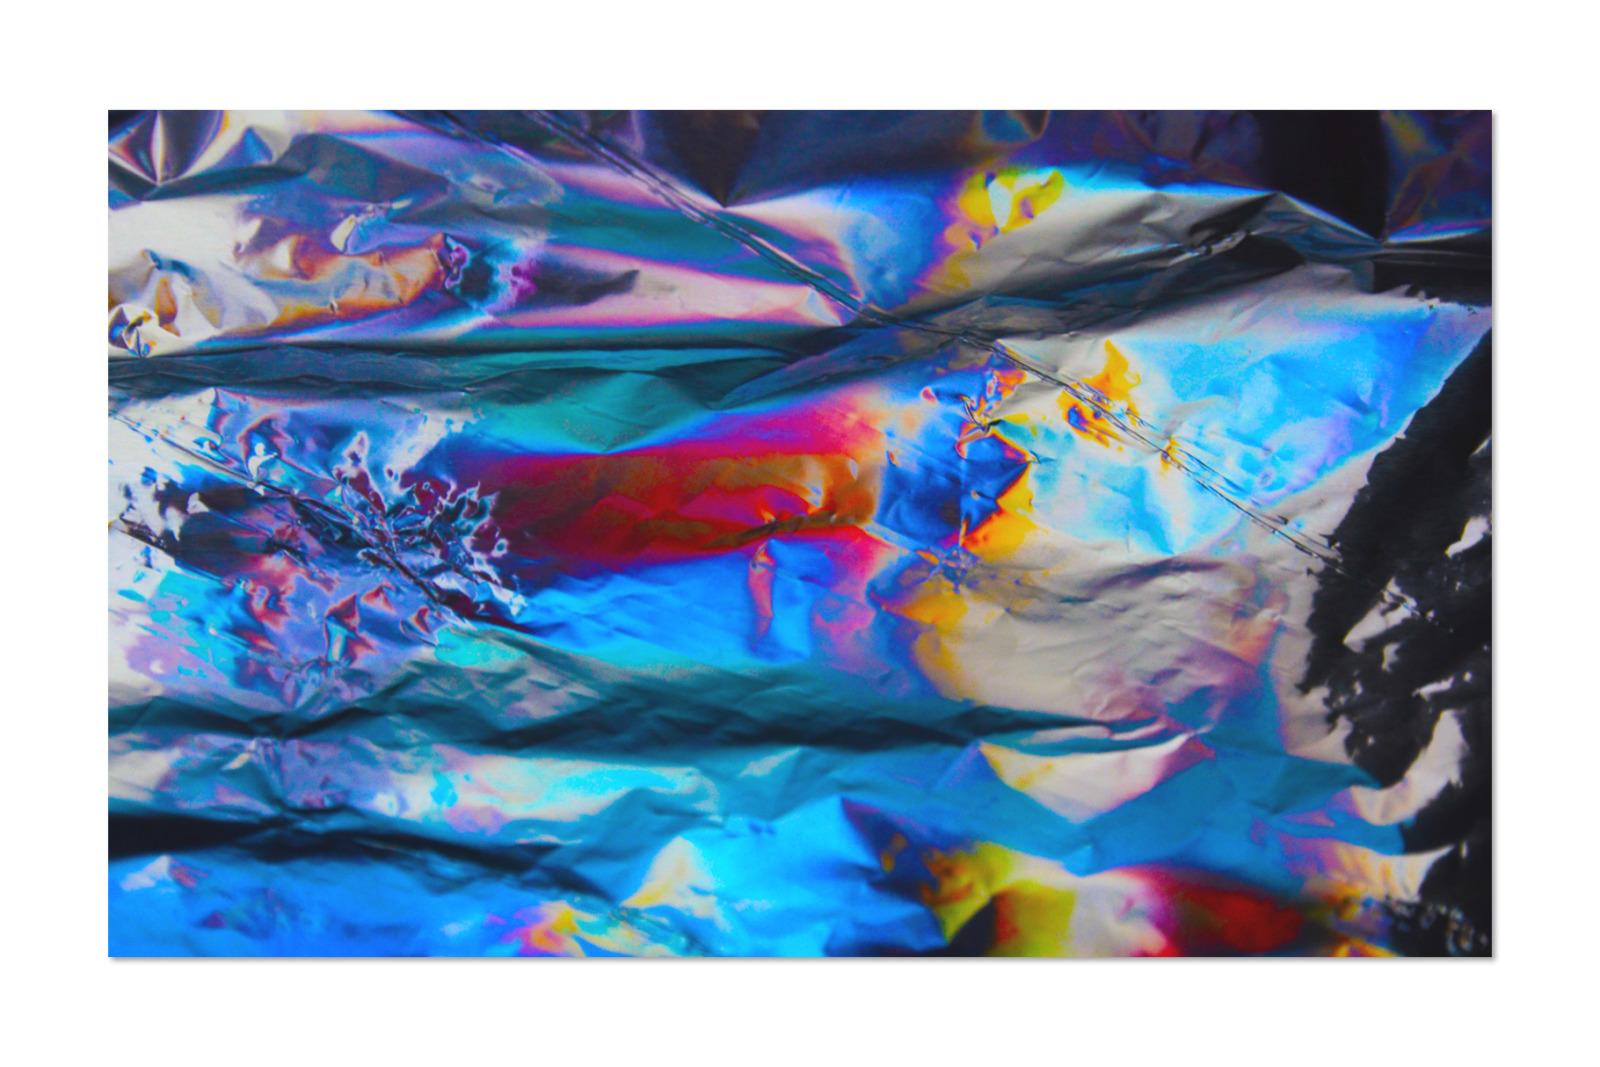 [淘宝购买] 80款潮流全息渐变虹彩金属箔纸纹理海报设计背景图片素材 Crumbled – 80 Foil Textures插图8